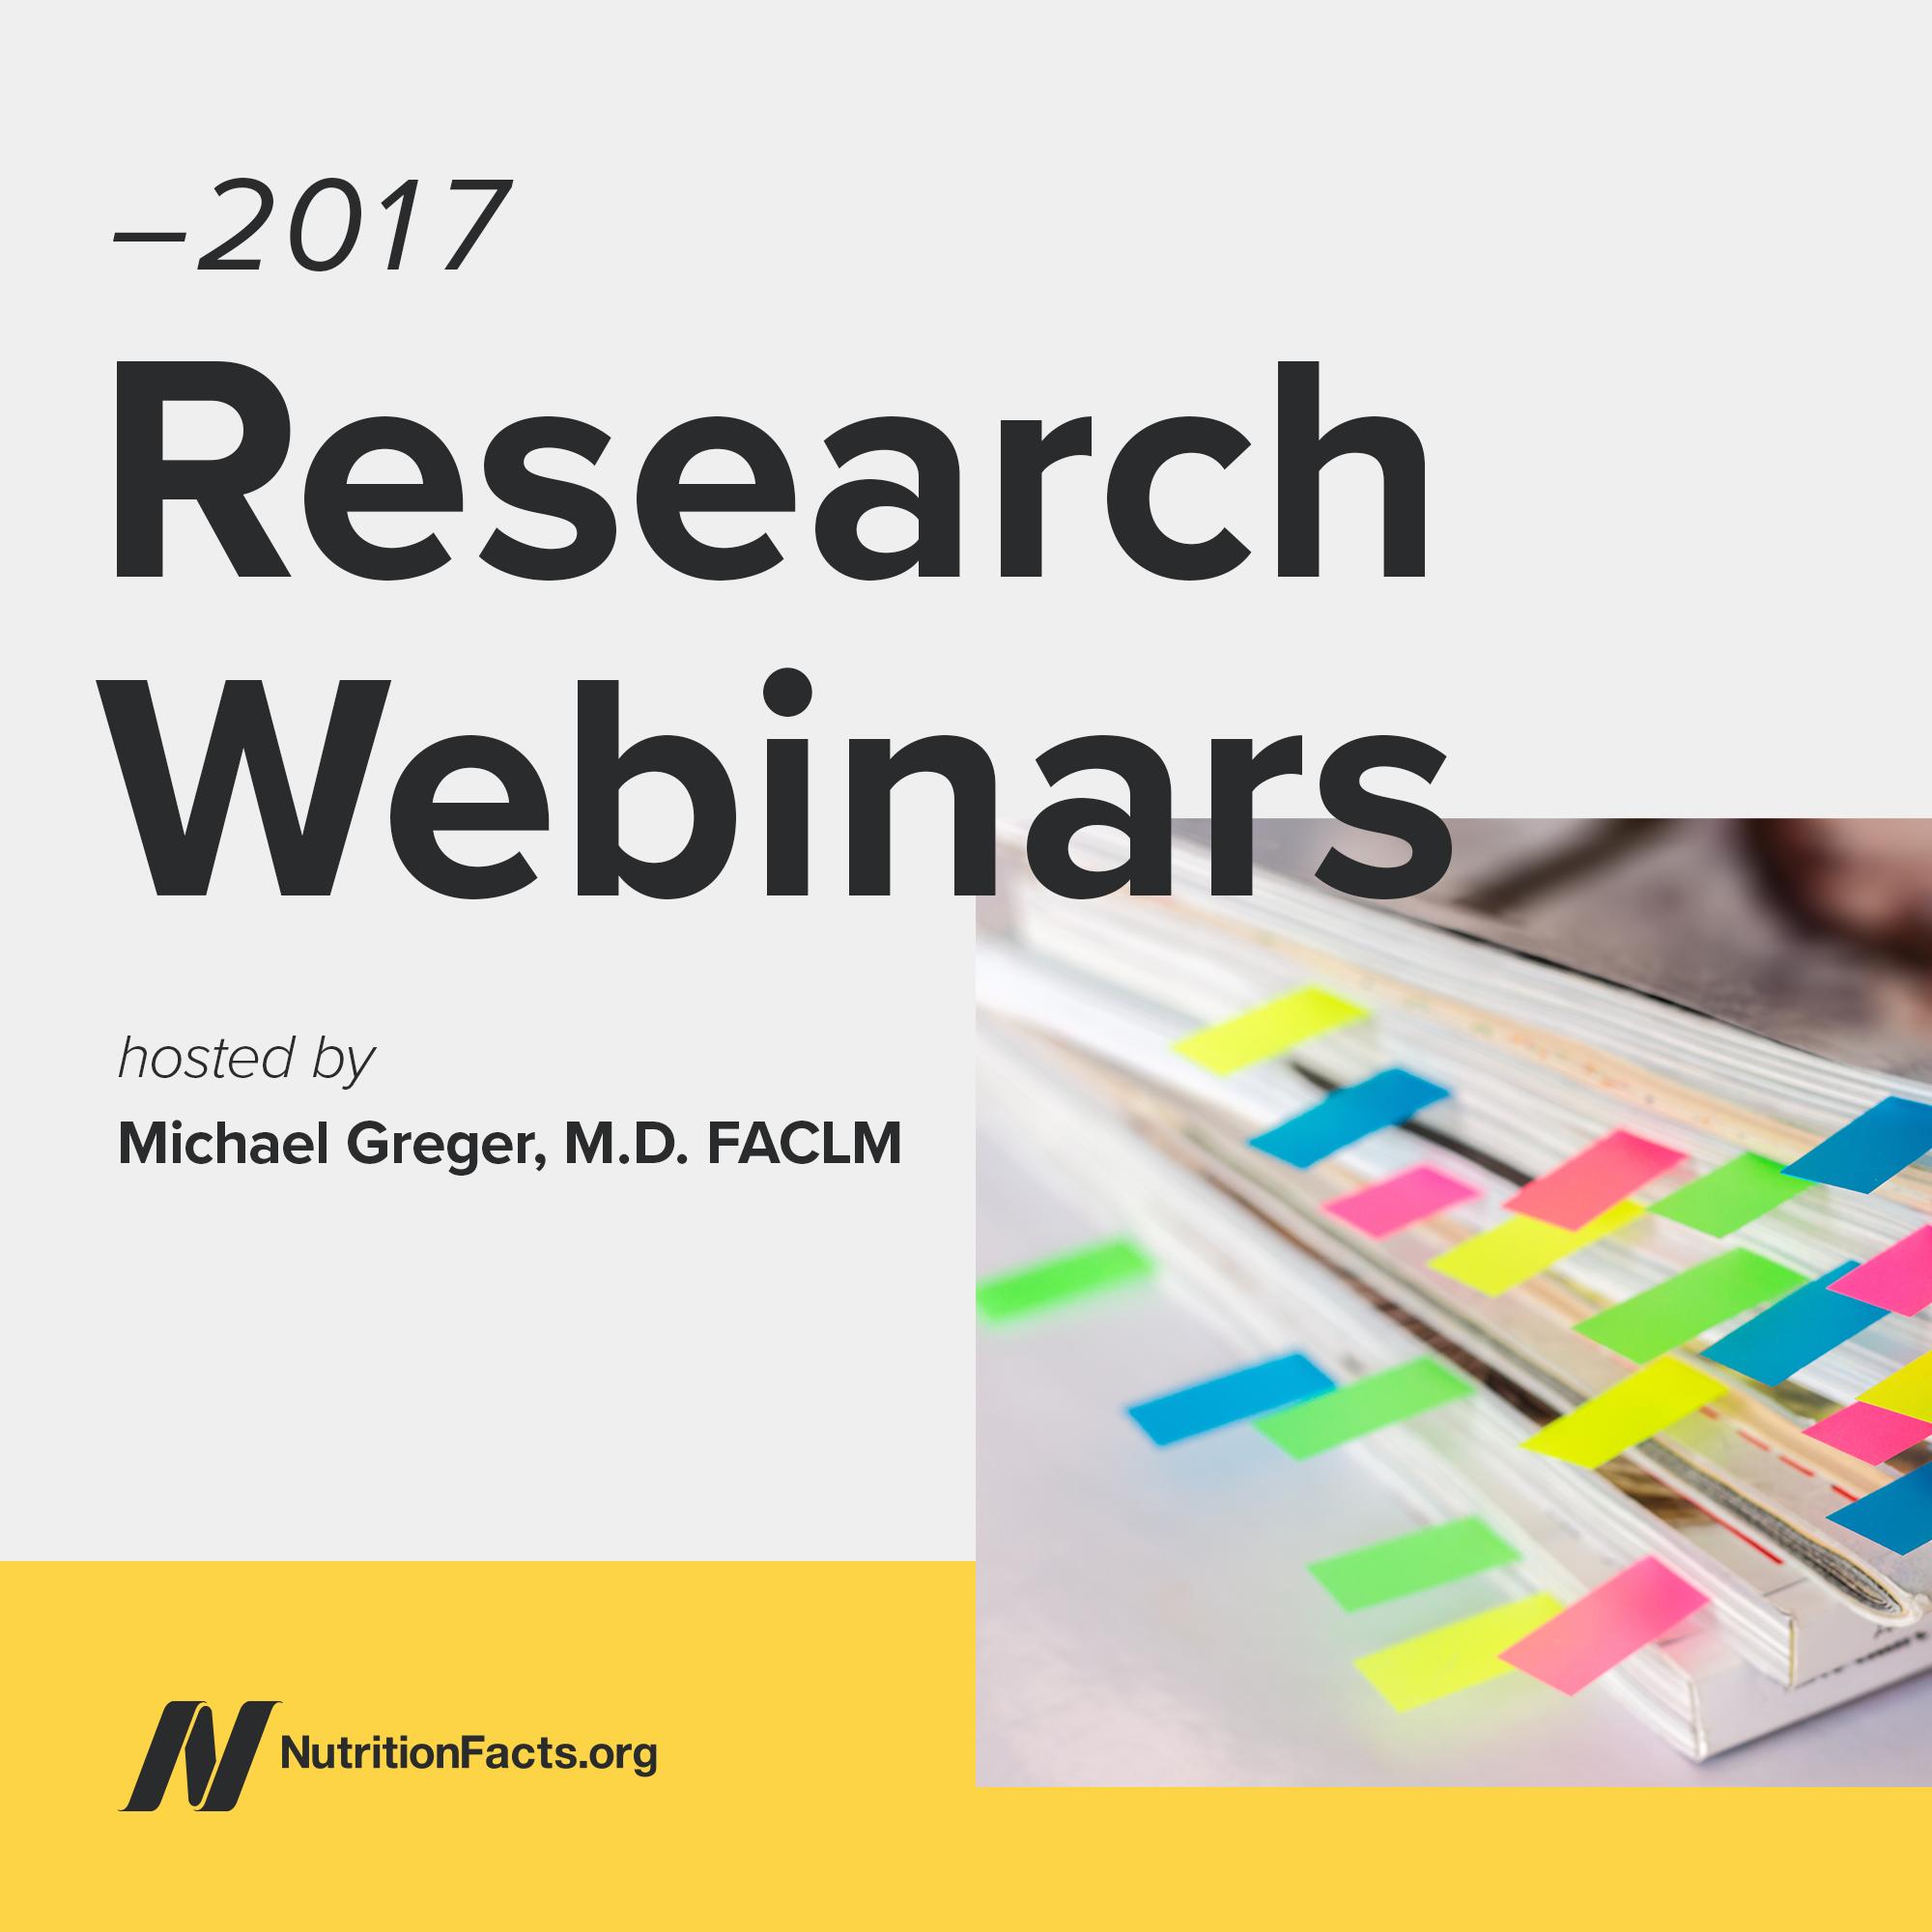 2017 Research Webinars